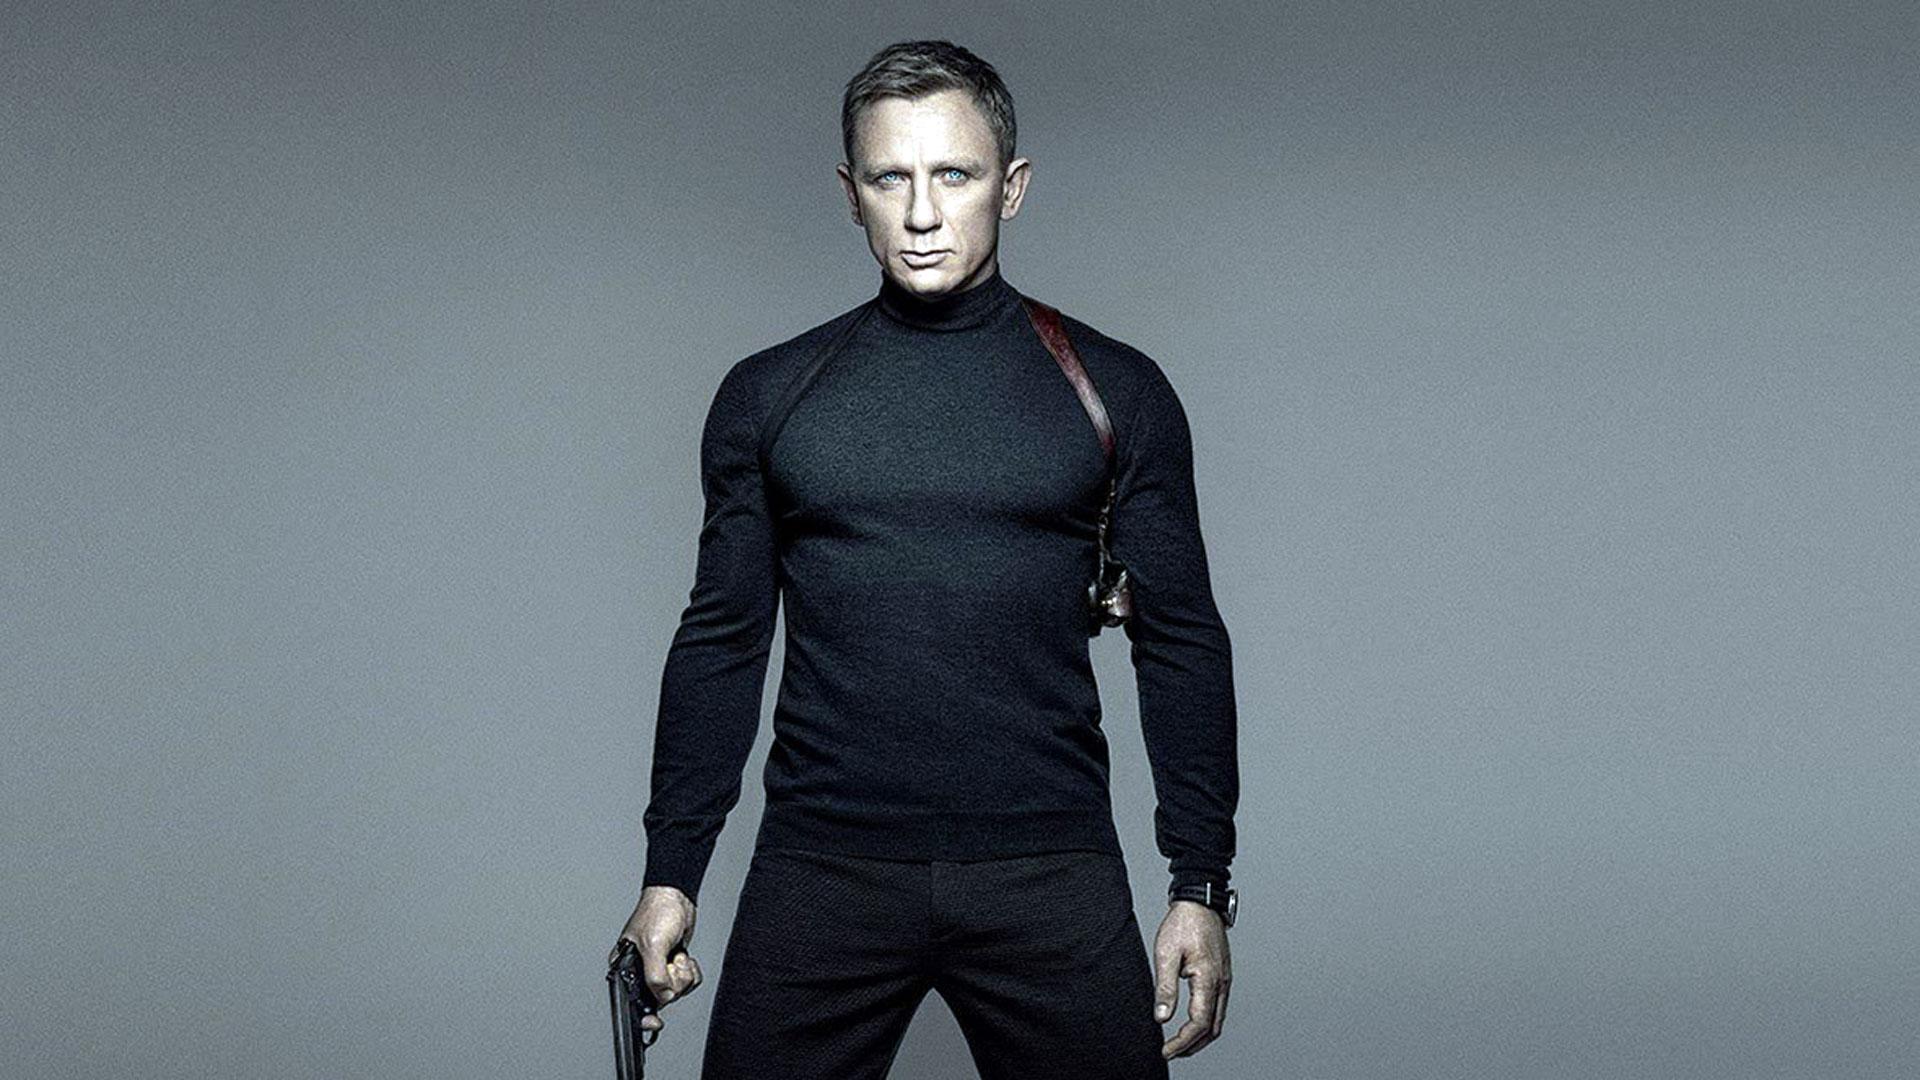 El inglés Daniel Craig estuvo en las últimas cuatro películas de James Bond